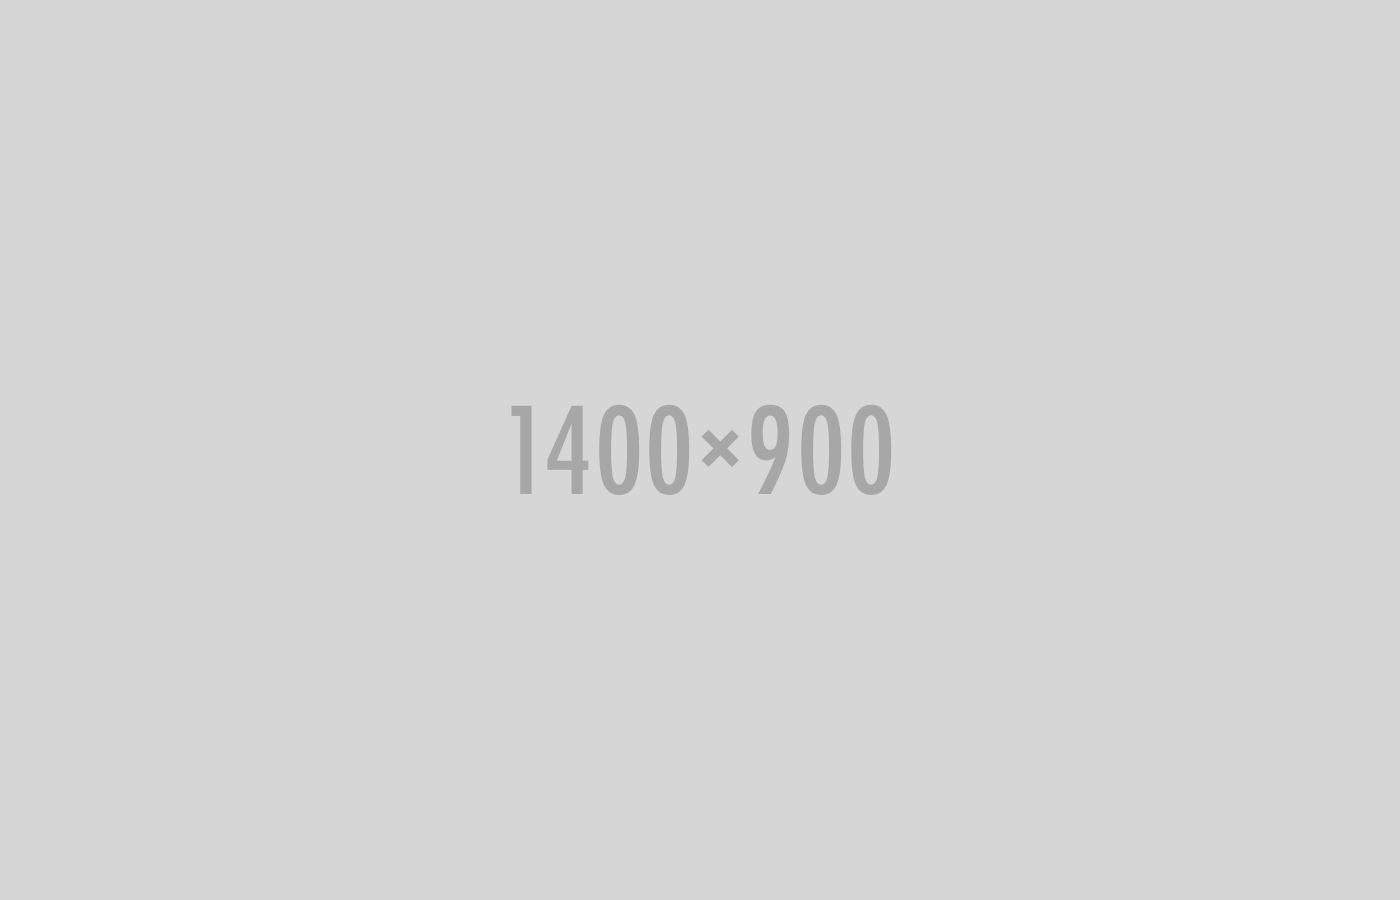 fullpage-cat03-image01